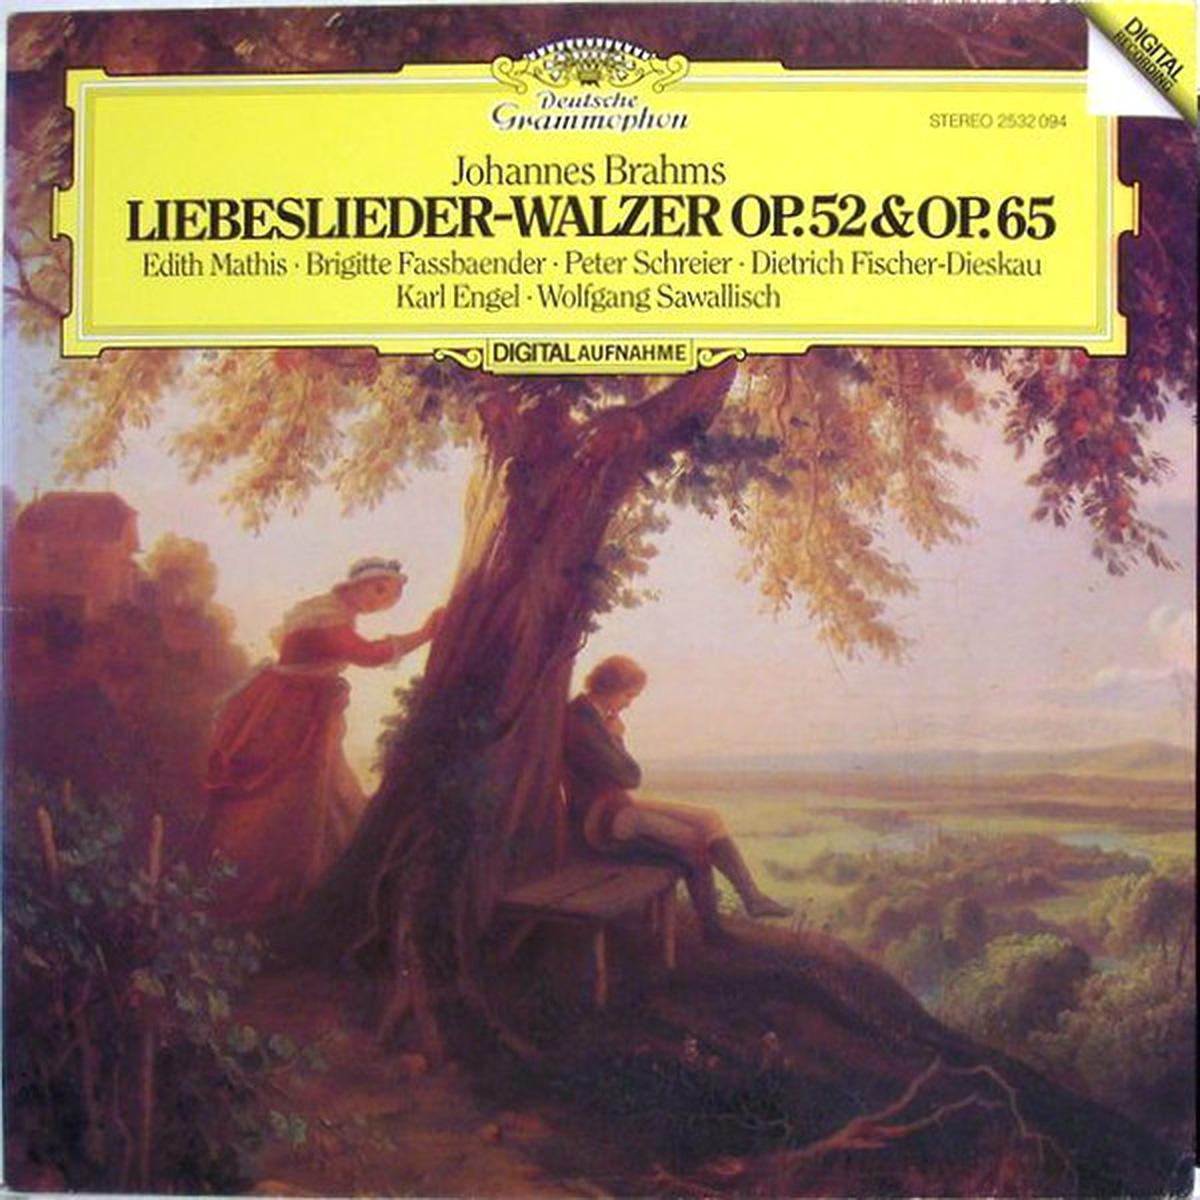 DGG 2532094 Brahms_ Liebeslieder